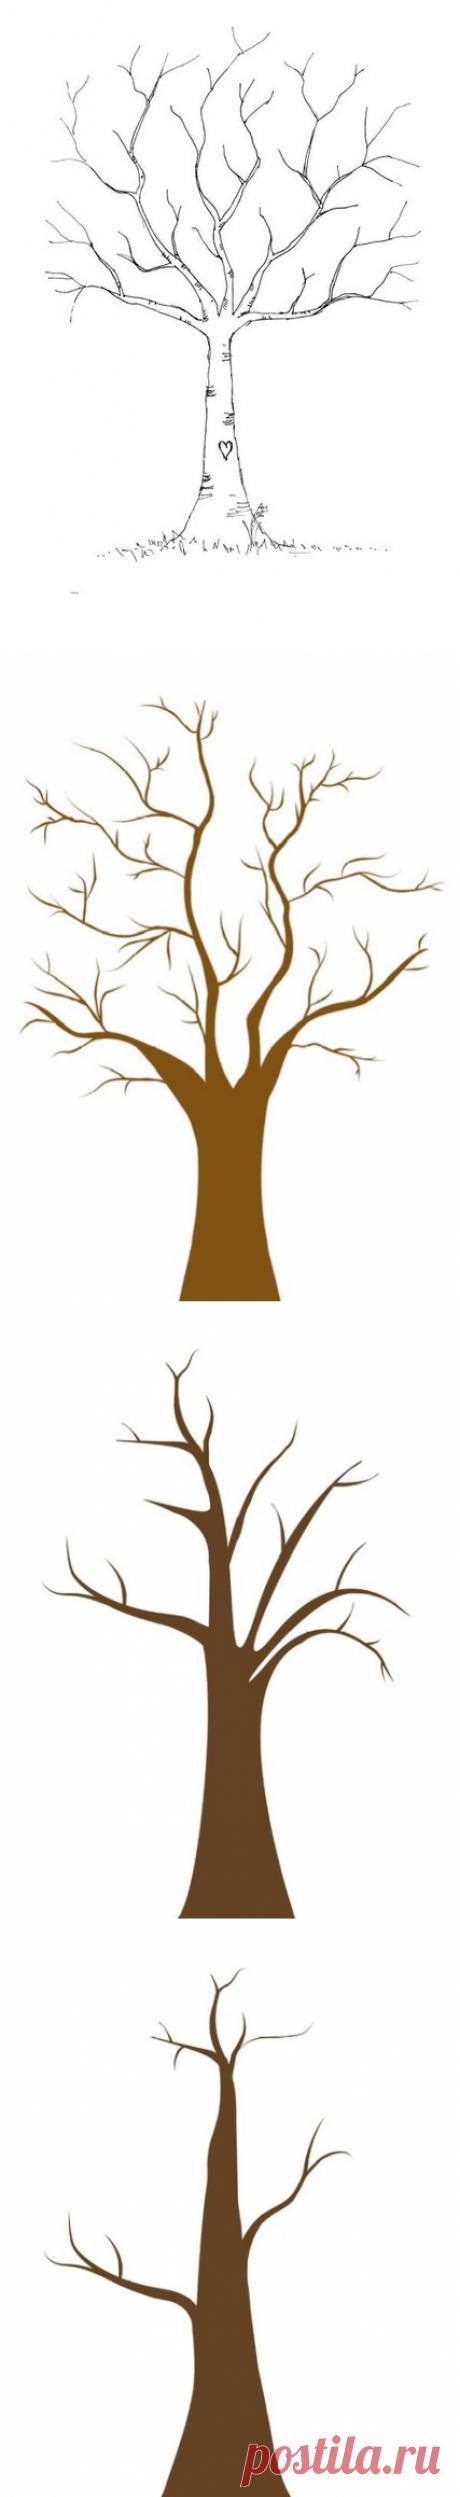 Шаблоны деревьев для рисования пальчиками - Поделки с детьми | Деткиподелки